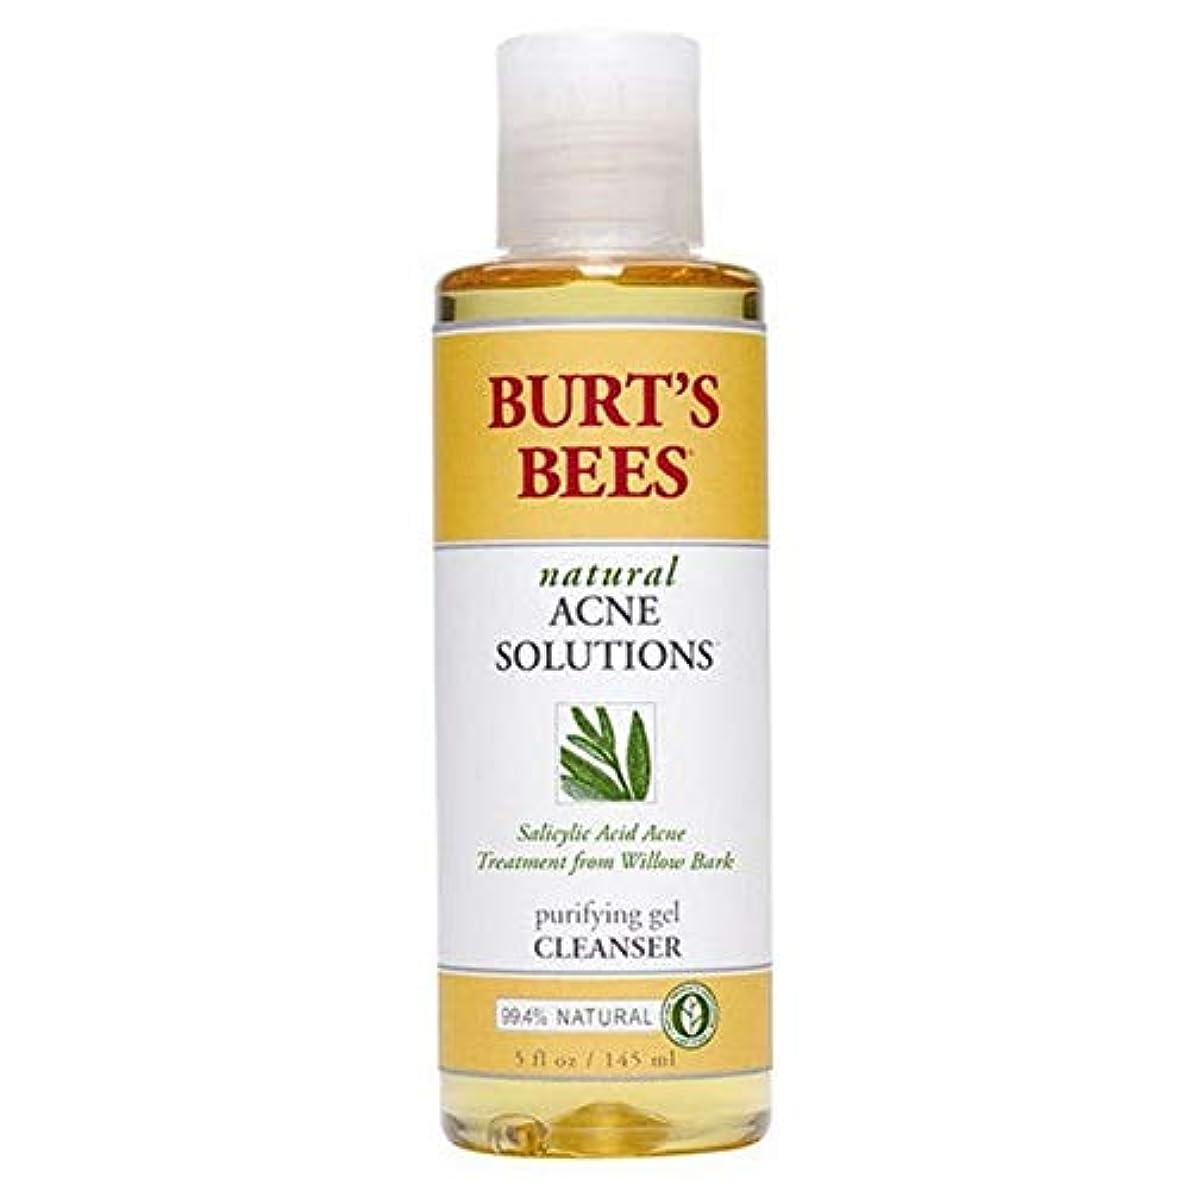 吹雪遺伝子寄生虫[Burt's Bees ] バーツビー反傷毎日クレンザー、145ミリリットル - Burt's Bees Anti Blemish Daily Cleanser, 145ml [並行輸入品]